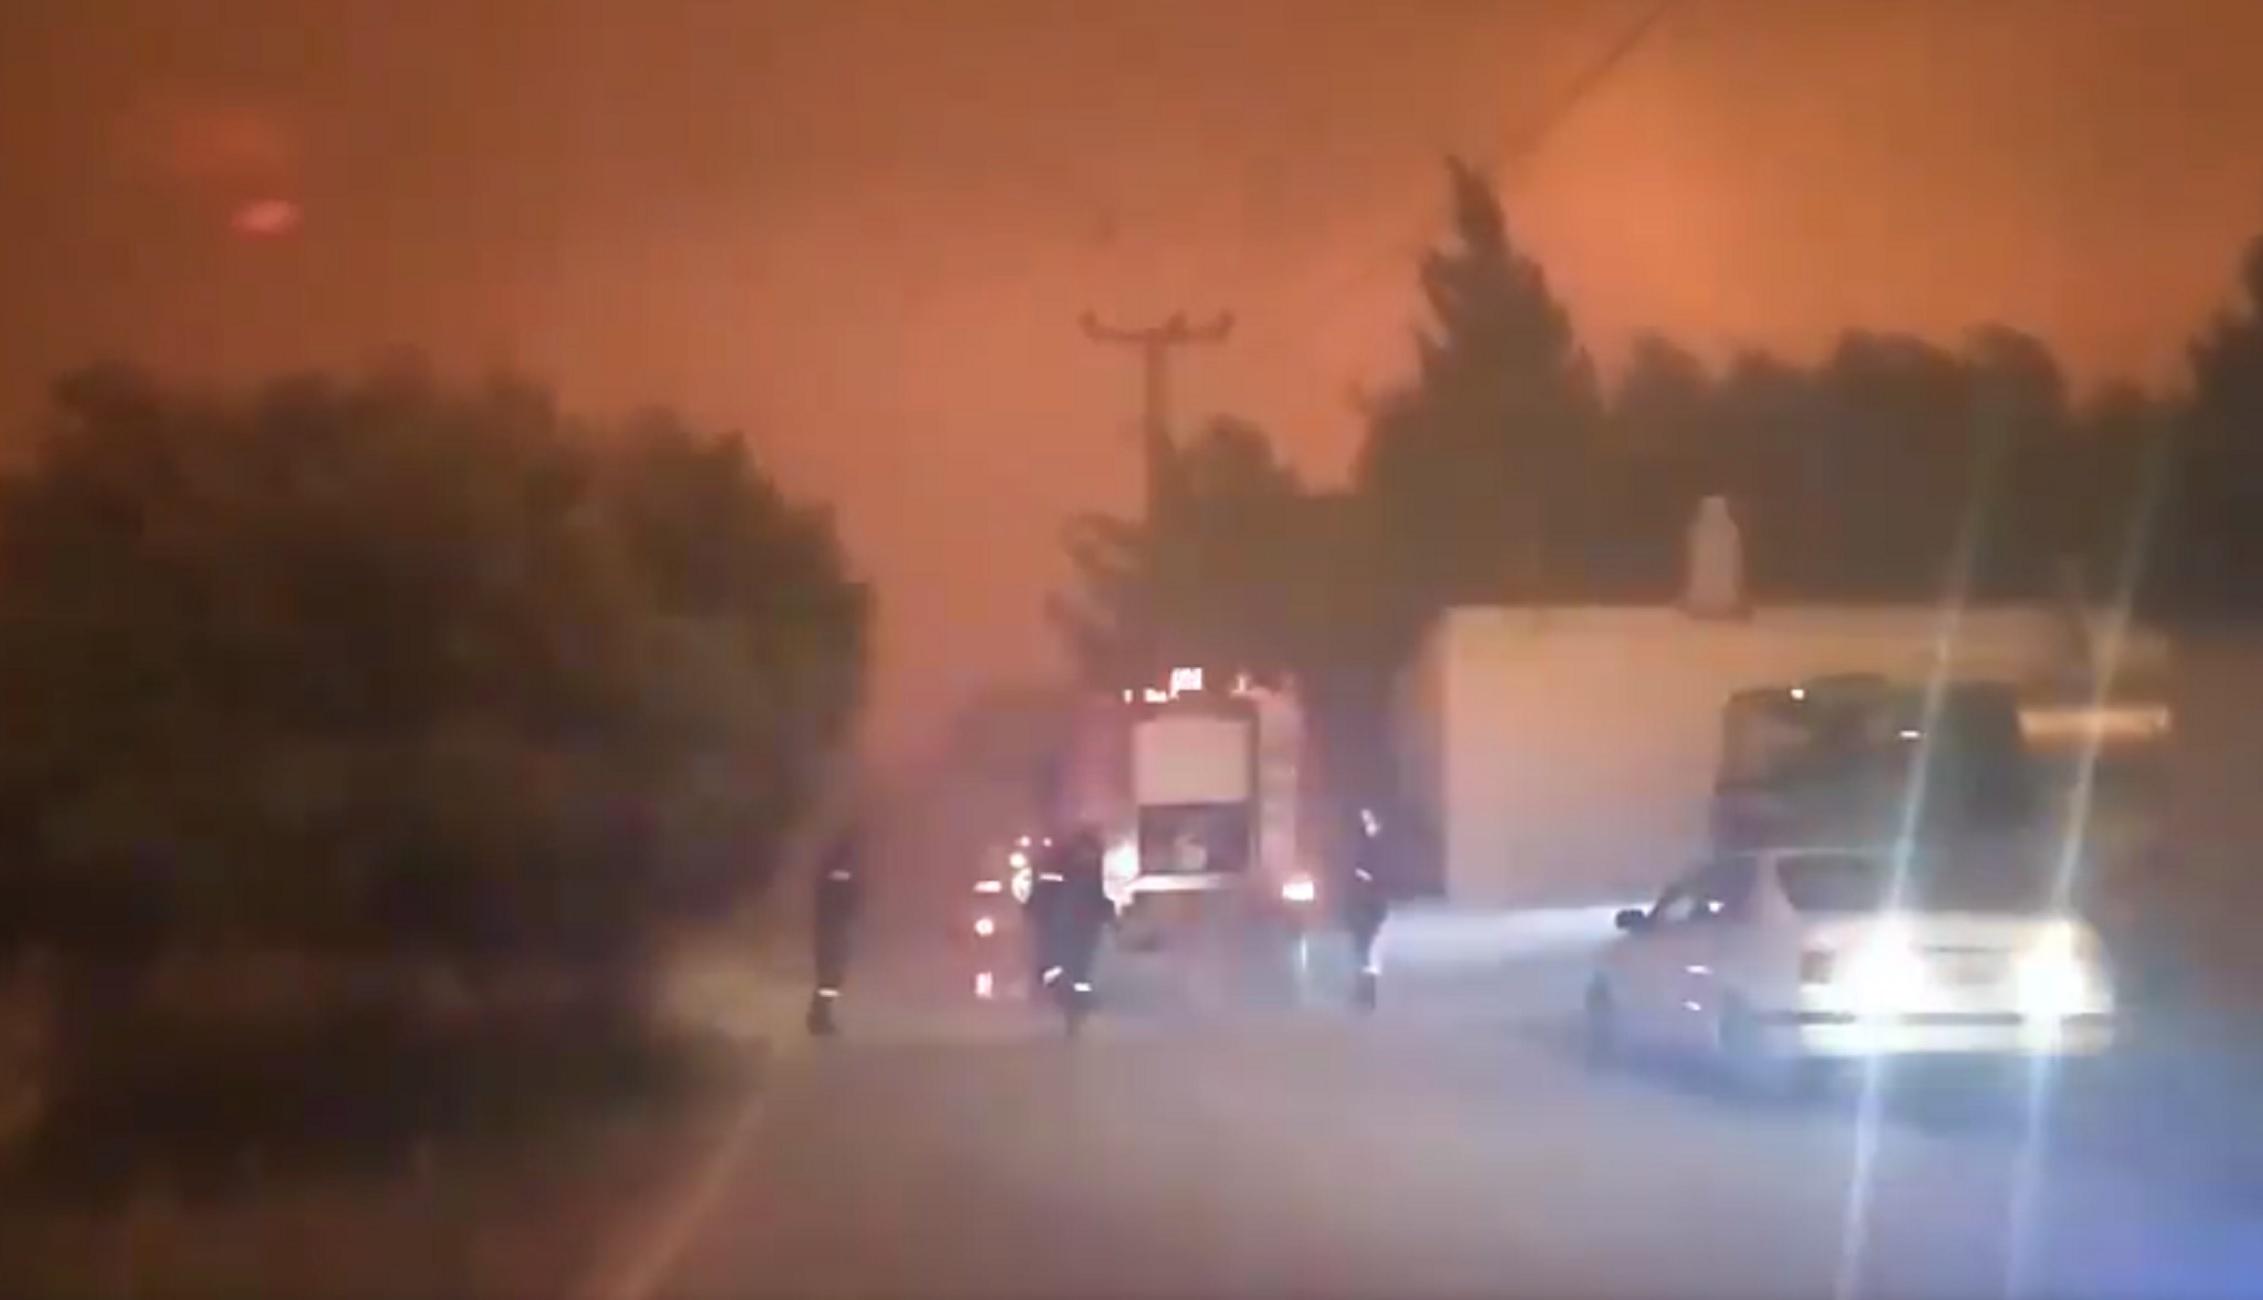 Φωτιά στα Γεράνεια Όρη: Οι στιγμές τρόμου για πυροσβέστες και πολίτες που περικυκλώθηκαν από τις φλόγες (video)